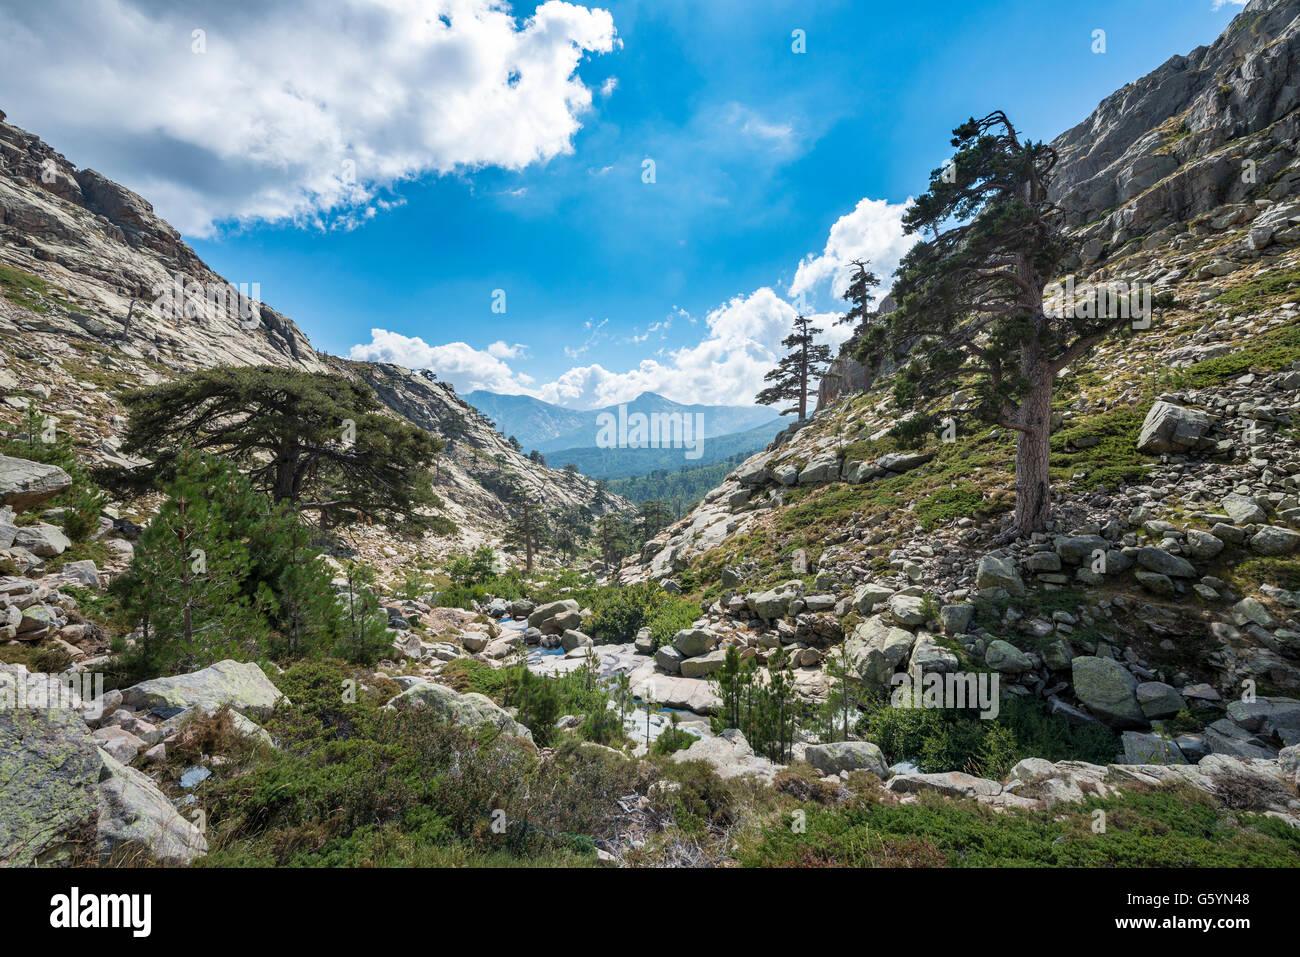 Mountainous landscape in Golo Valley, Nature Park of Corsica, Parc naturel régional de Corse, Corsica, France Stock Photo